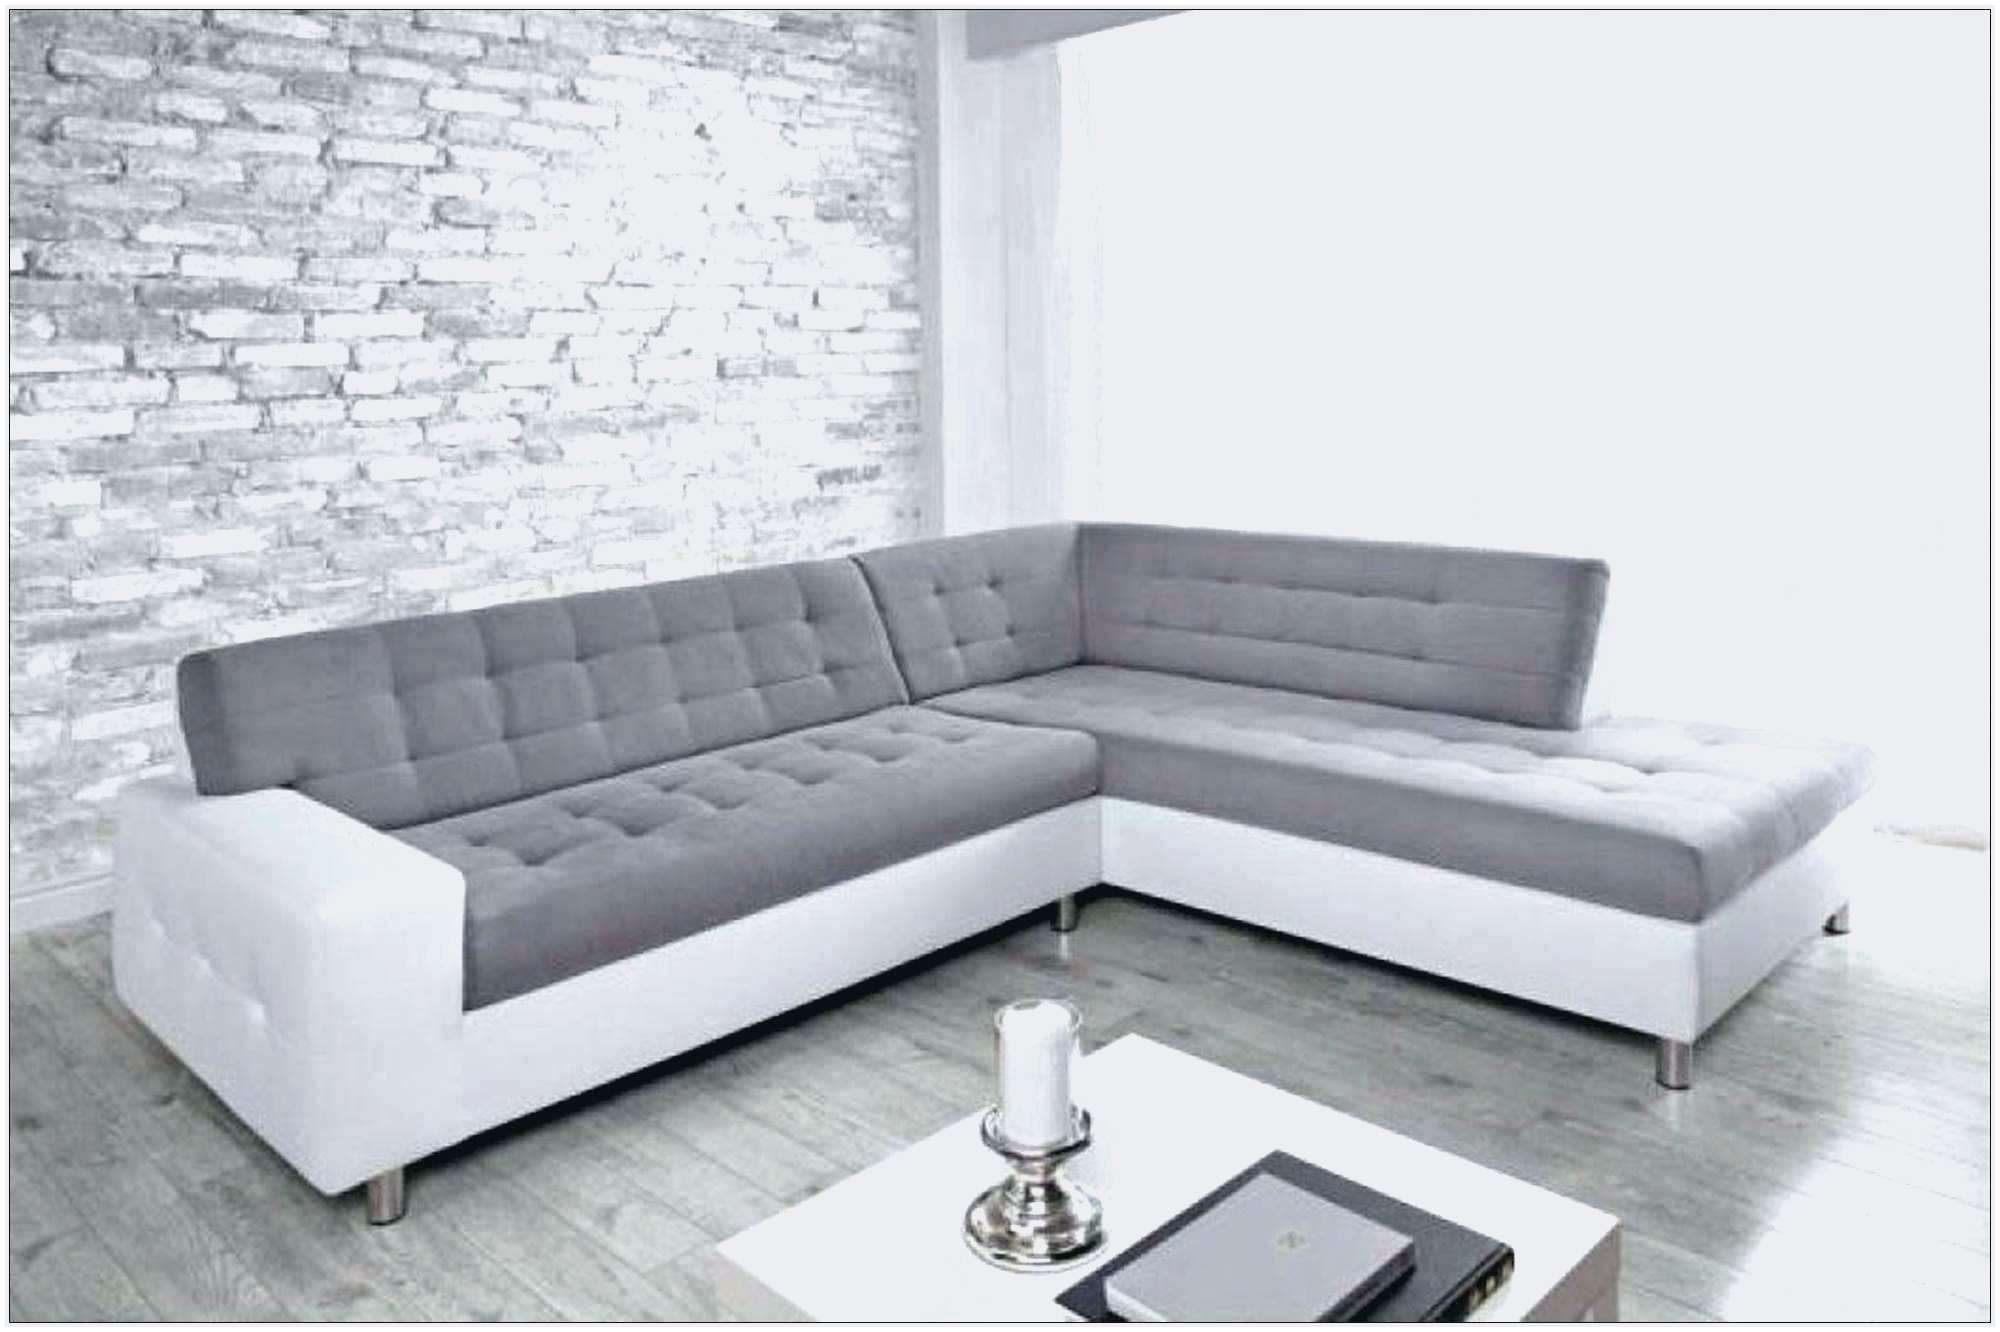 Couvre Lit Matelassé Ikea Inspiré Inspiré Ikea Canapé D Angle Convertible Beau Image Lit 2 Places 25